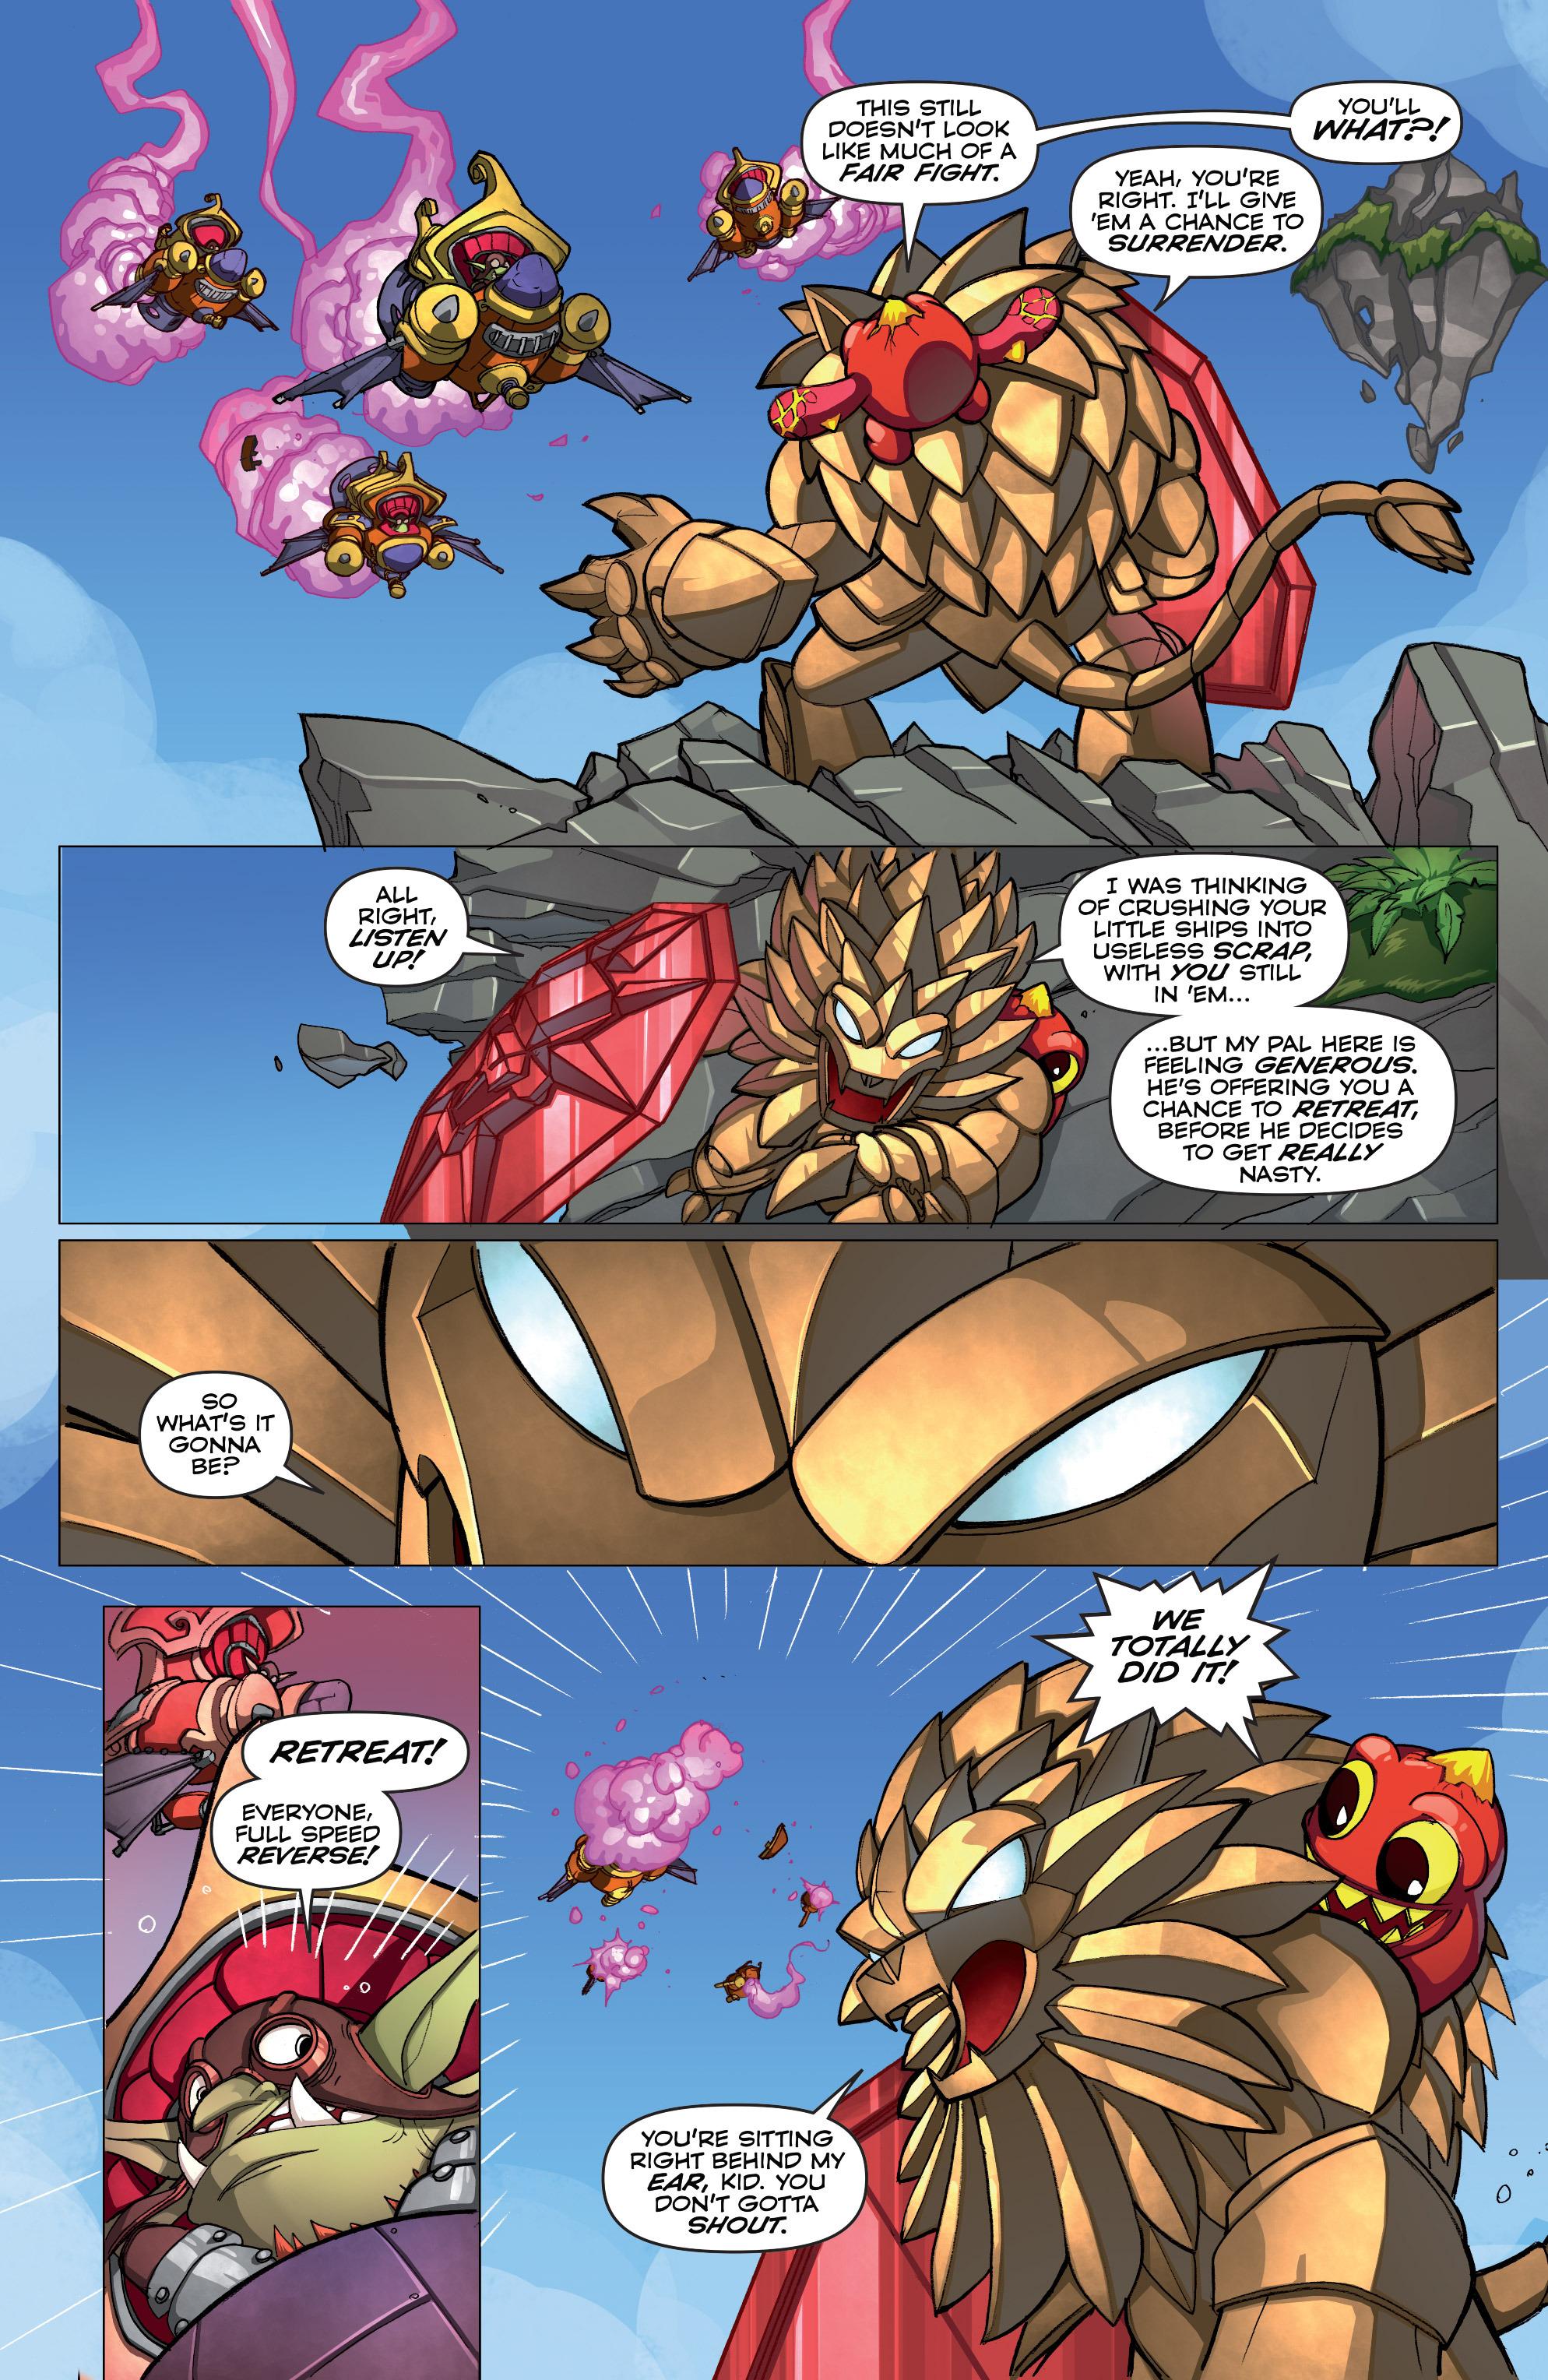 Read online Skylanders comic -  Issue #2 - 17